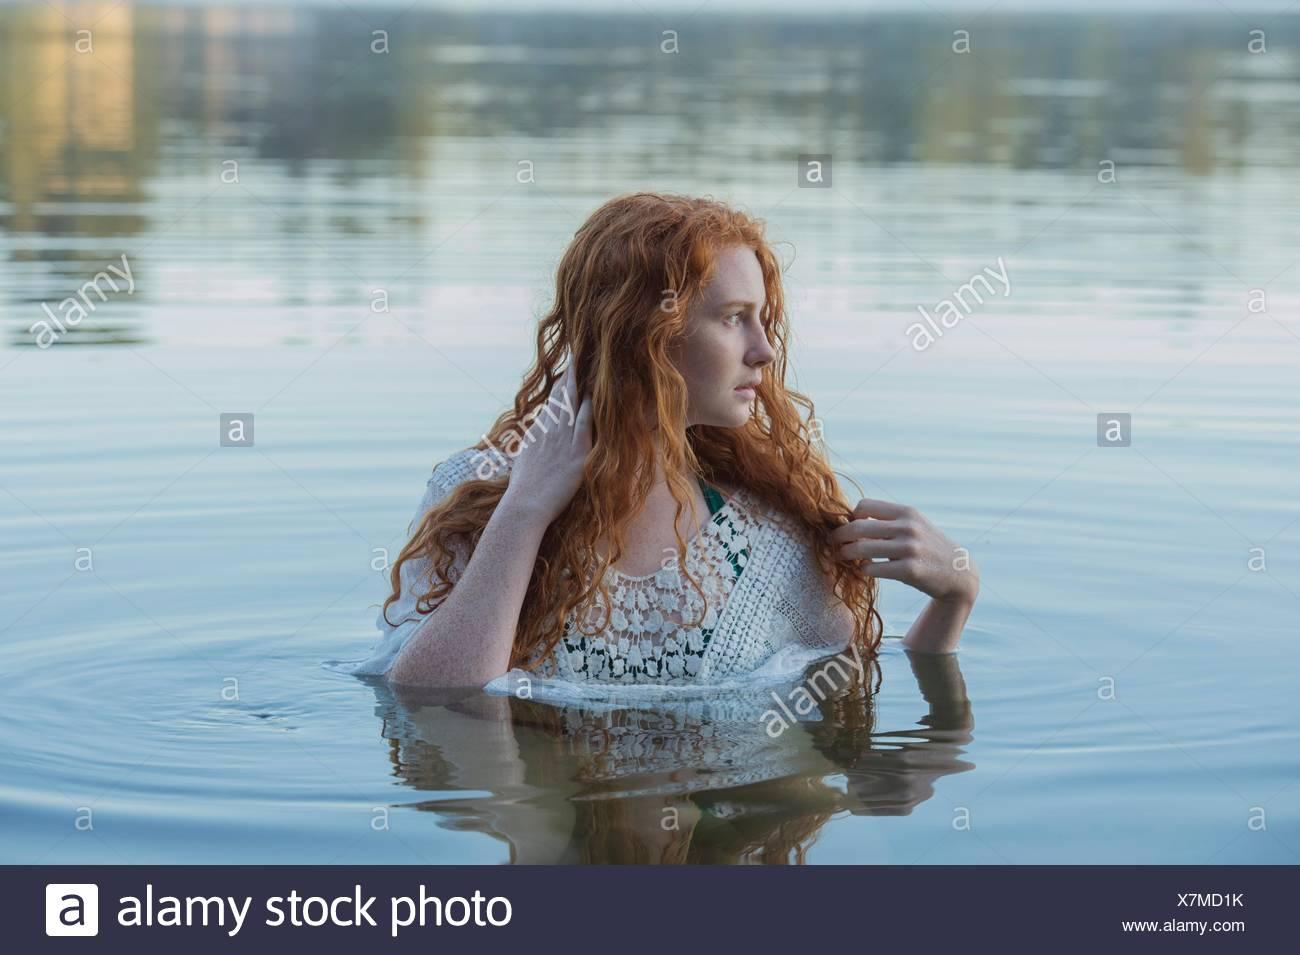 Kopf und Schultern der jungen Frau mit langen roten Haaren im See Blick seitwärts Stockbild